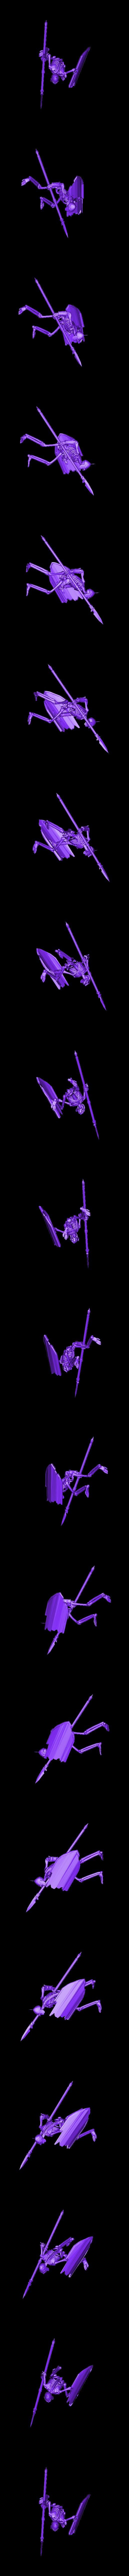 Skeleton_14.stl Télécharger fichier 3MF gratuit Spooky Scary Skeleton Warriors • Design pour imprimante 3D, EmanG